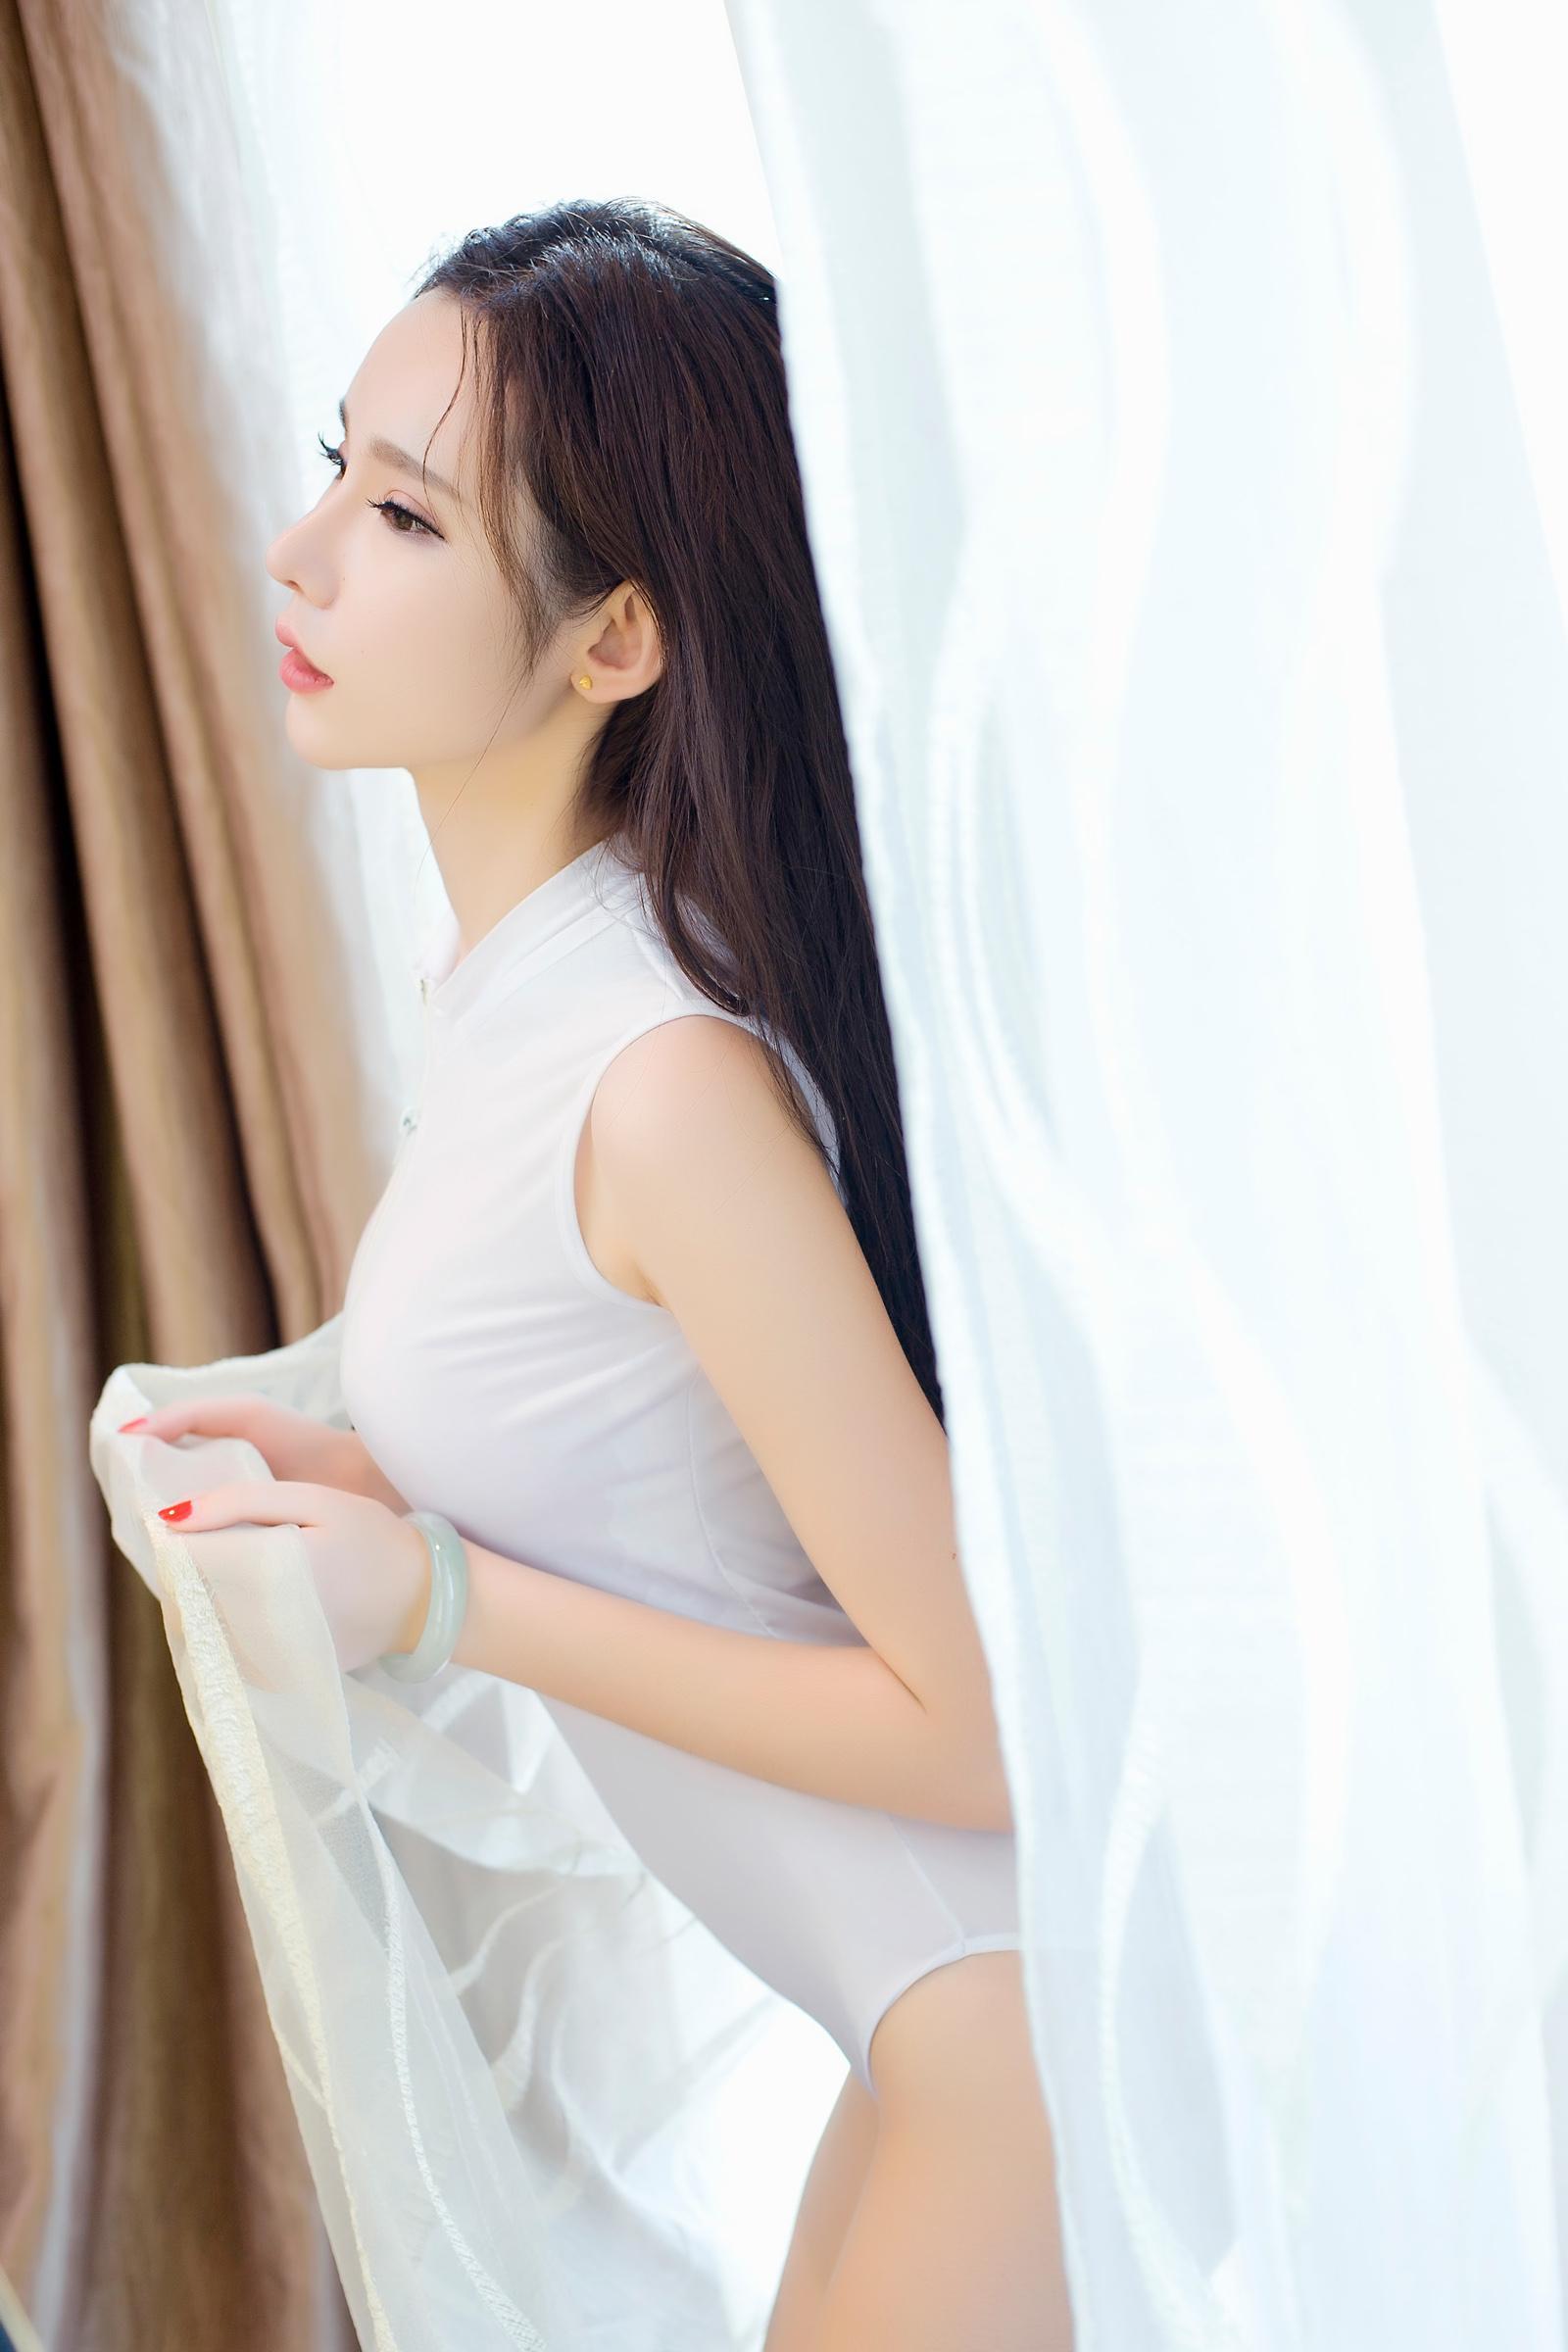 大胆露屄图_美女学生妹大胆胸器逼人性感私房写真